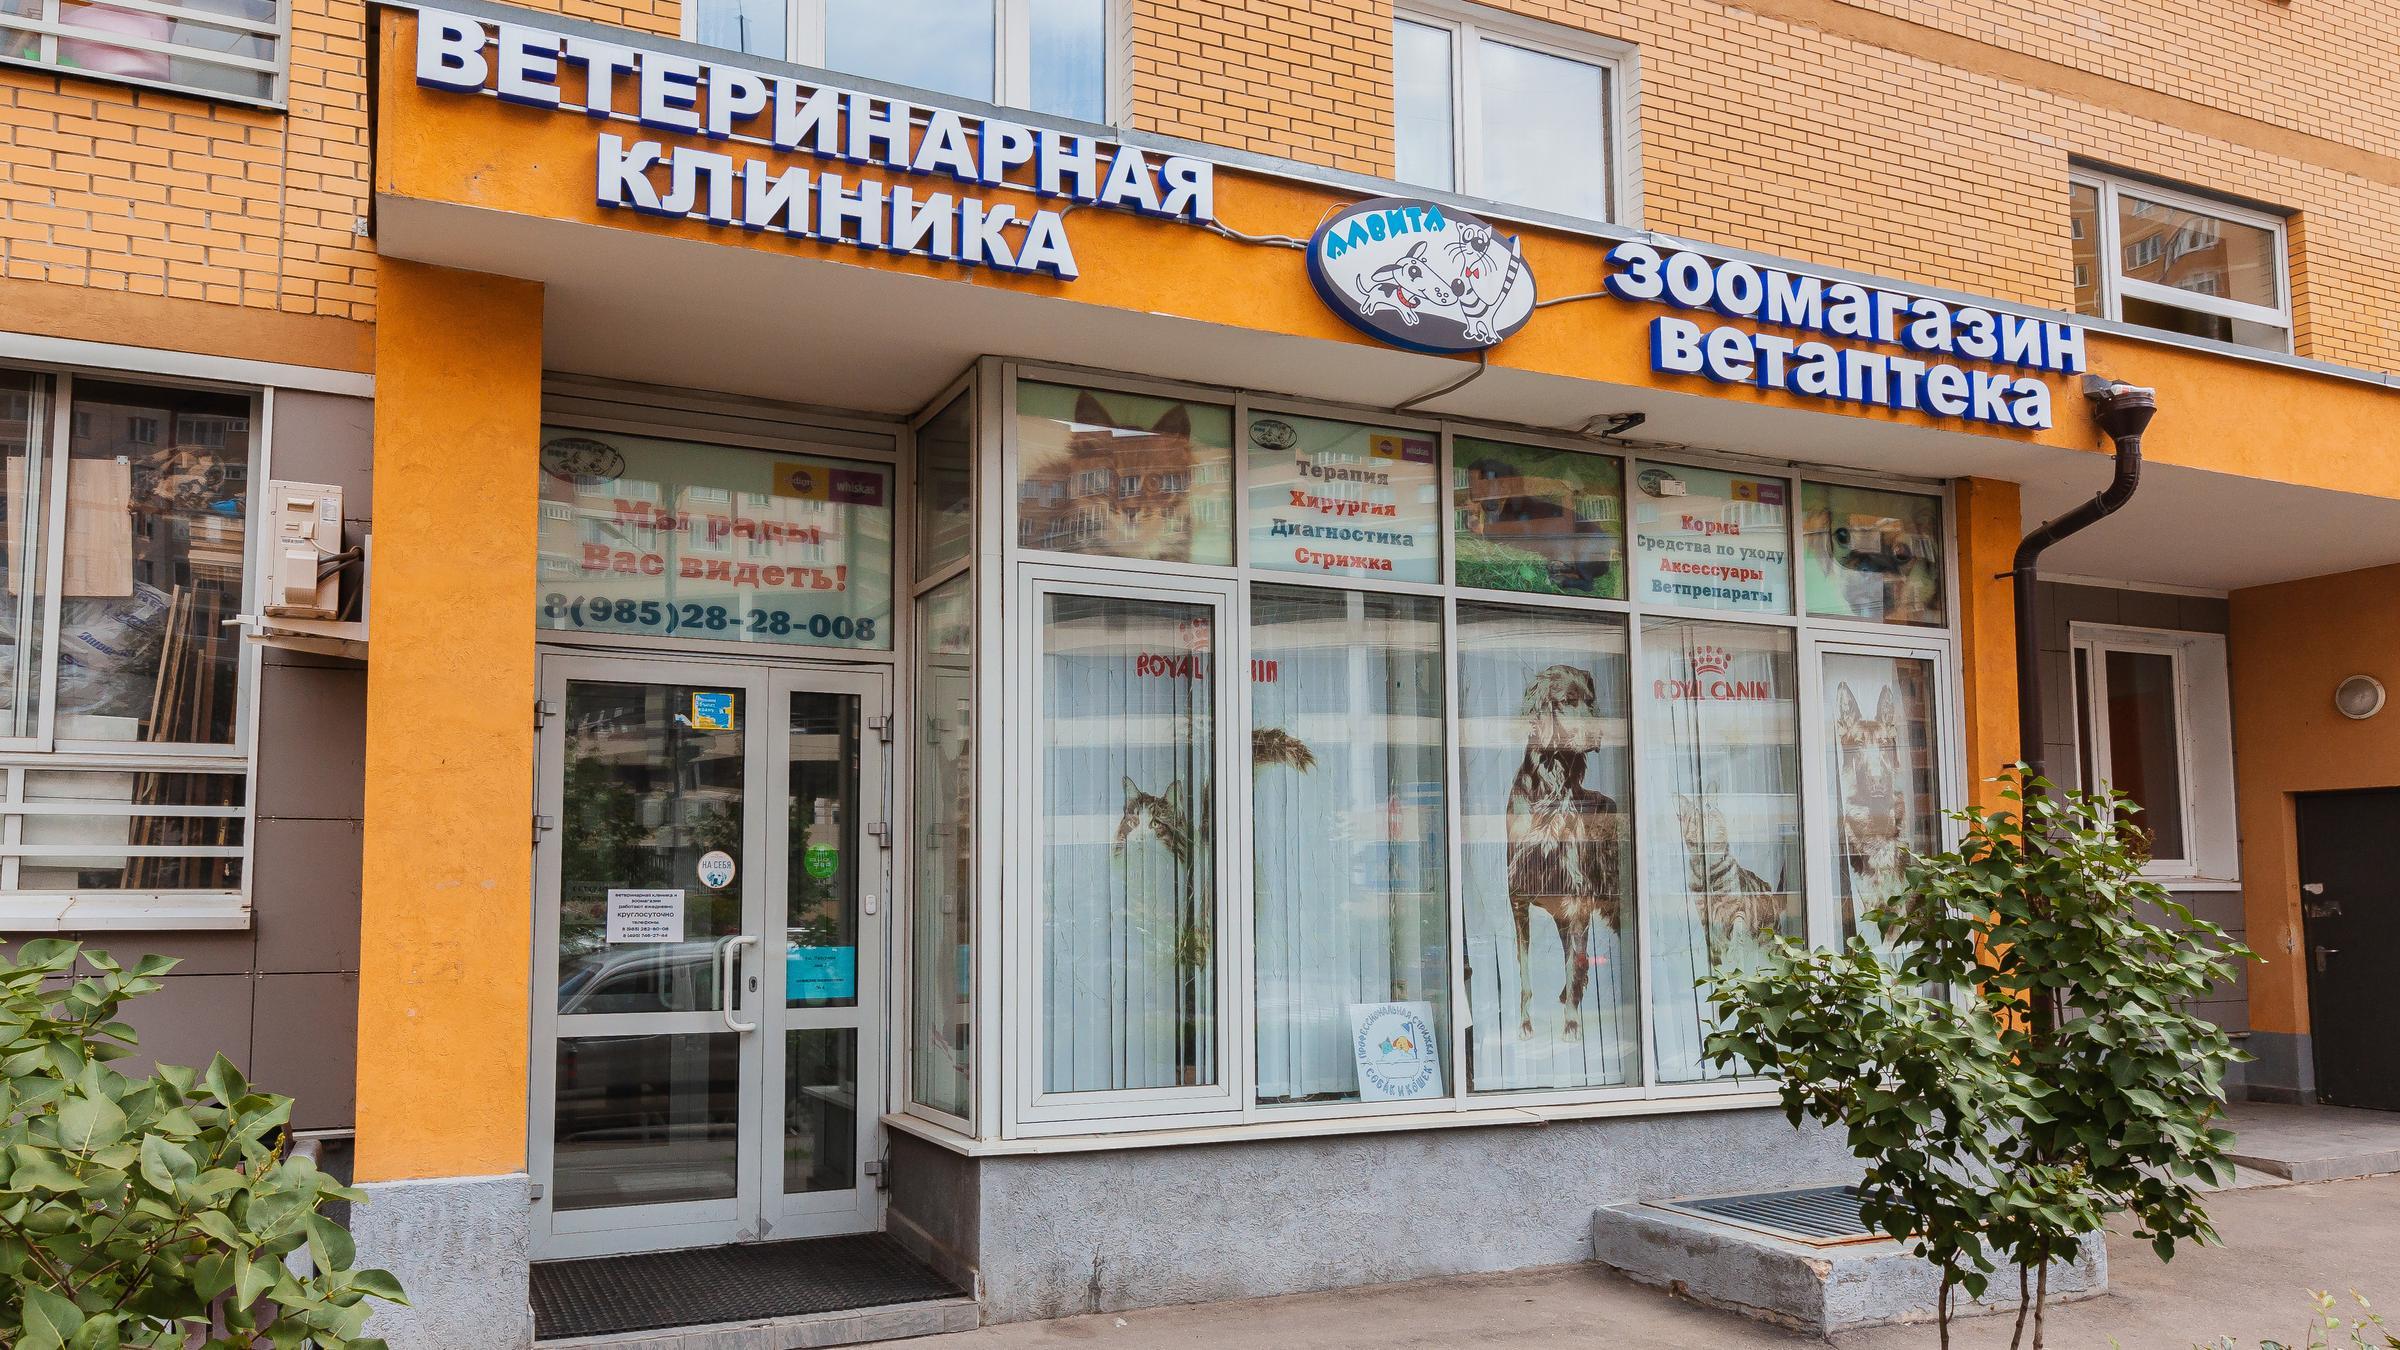 фотография Ветеринарной клиники Алвита на Лазурной улице в Коммунарке